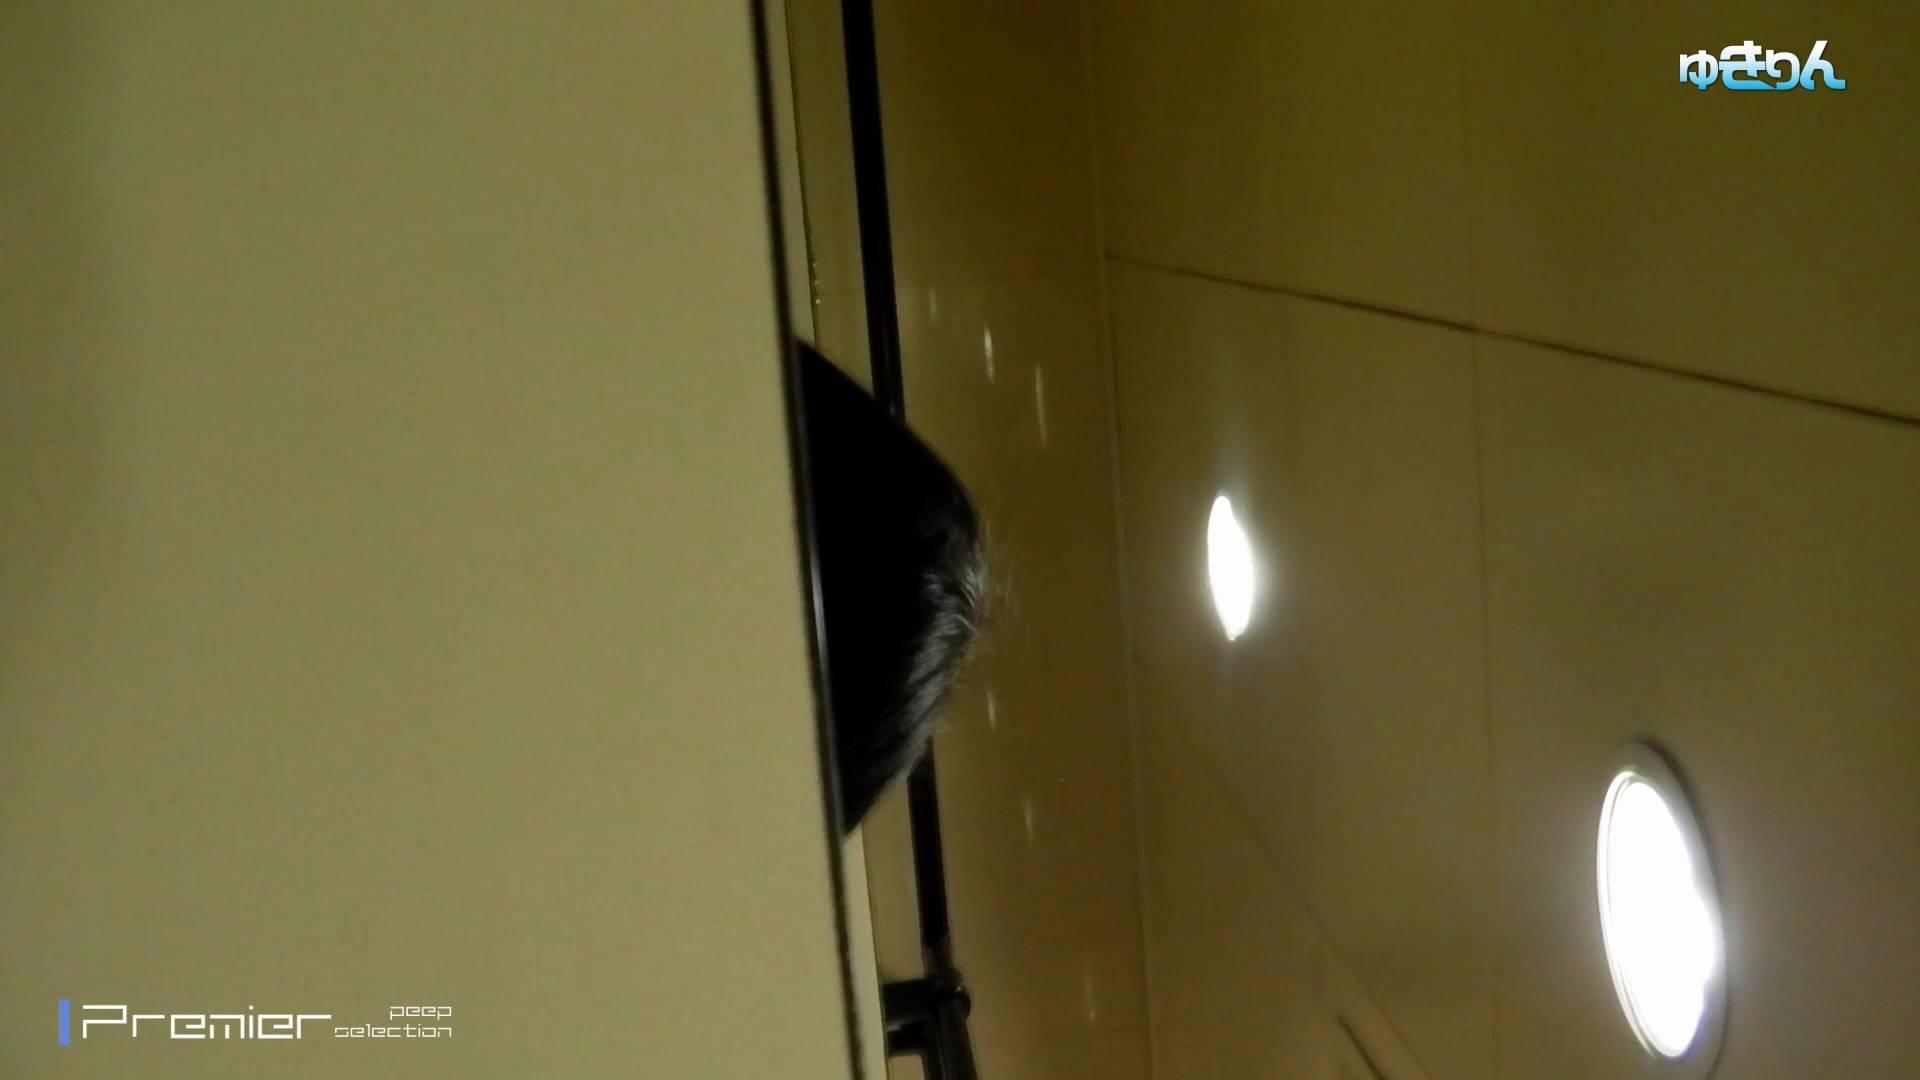 新世界の射窓 No88 必見スニーカーで壁を超える長身!!美女3人 美女達のヌード   洗面所着替え  51連発 34